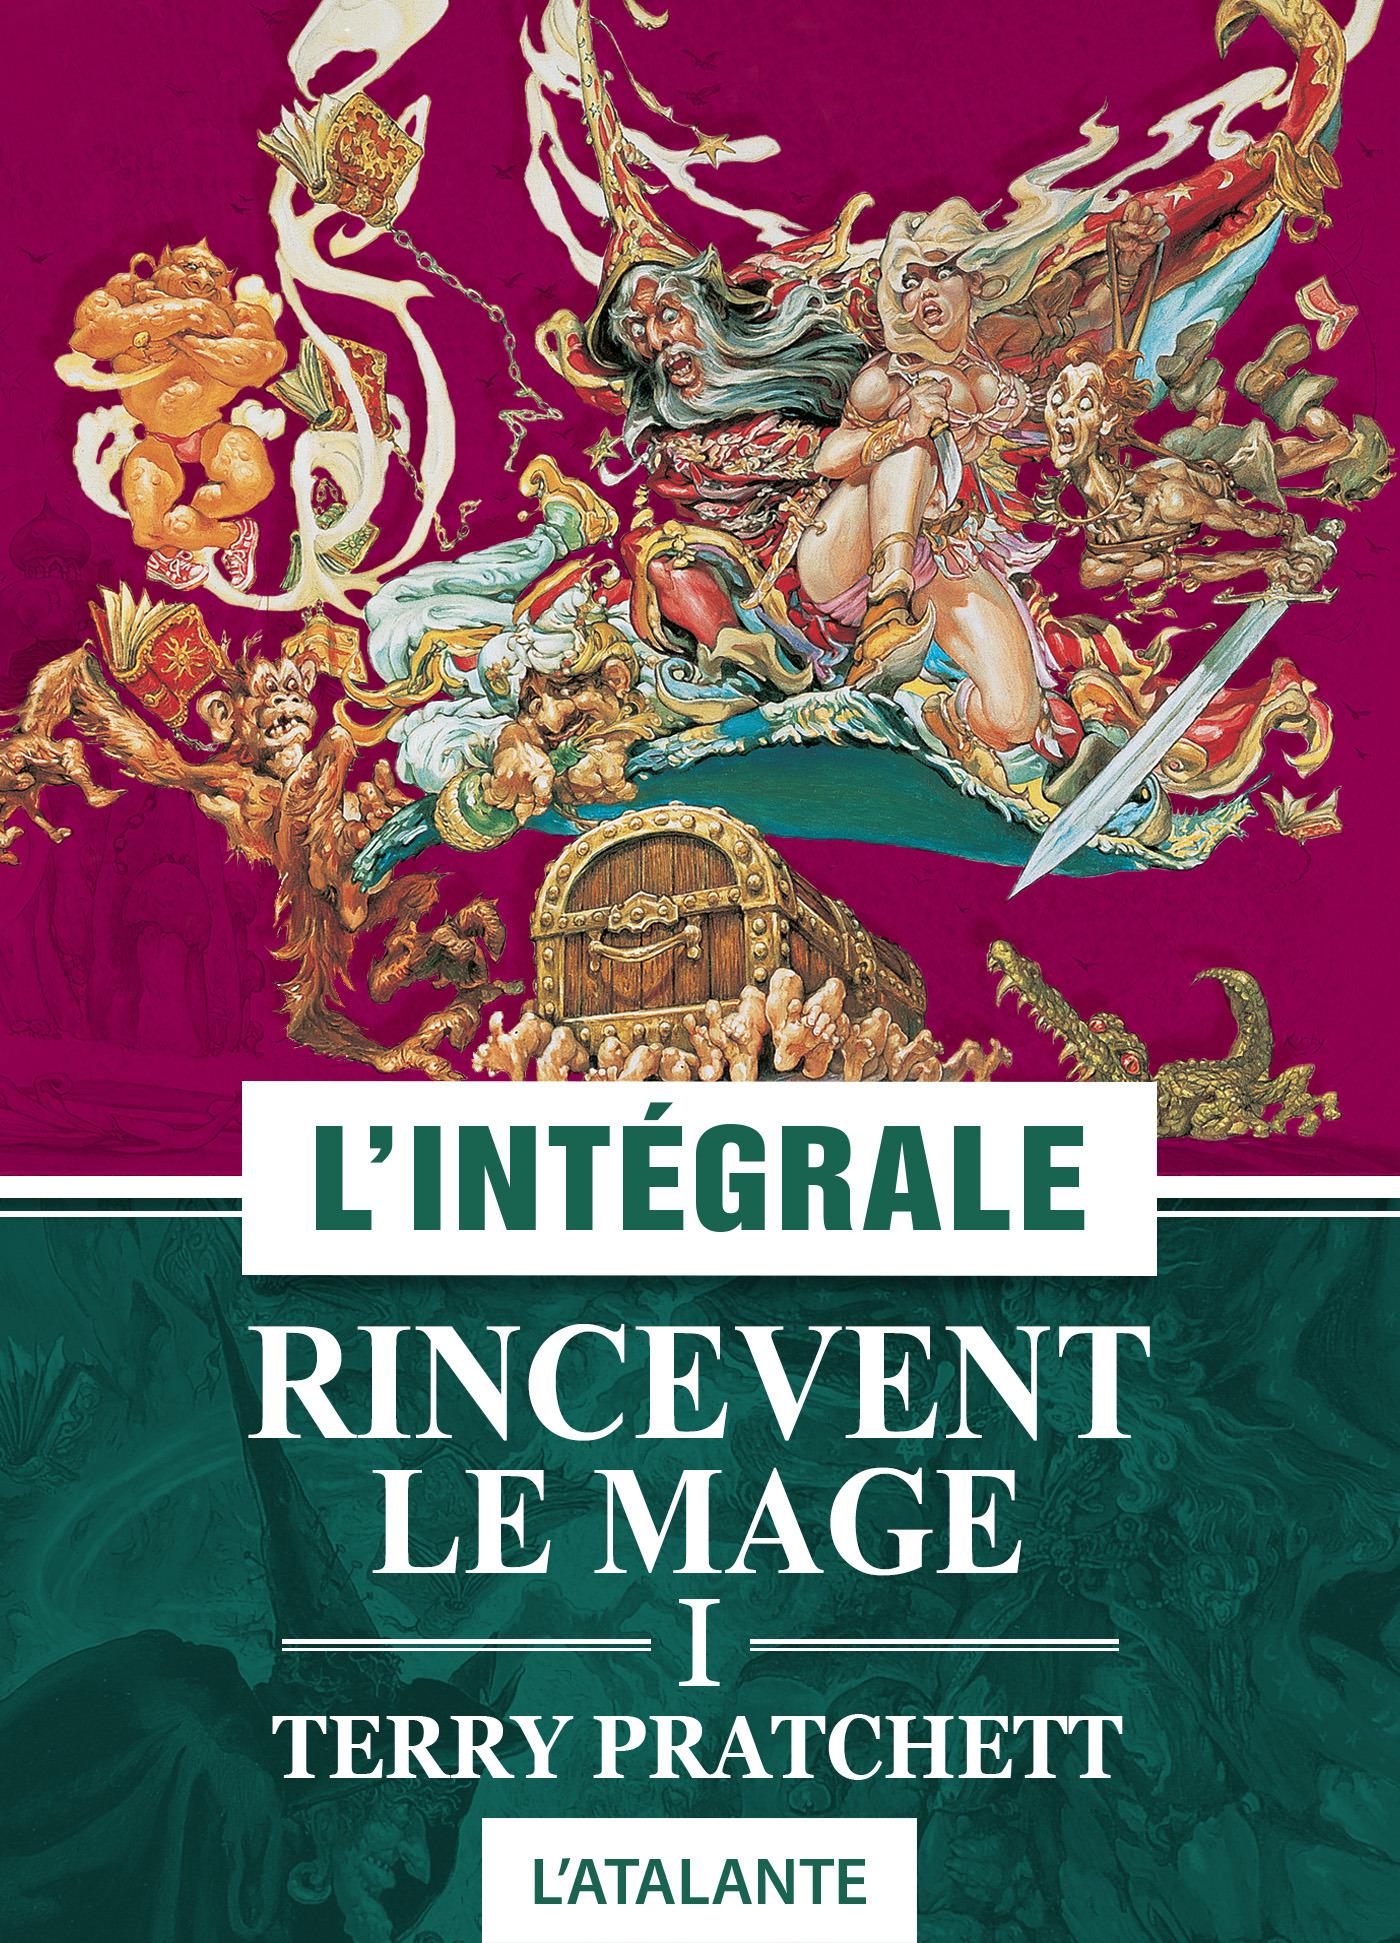 Terry Pratchett Rincevent, le mage - 1 - L'Intégrale